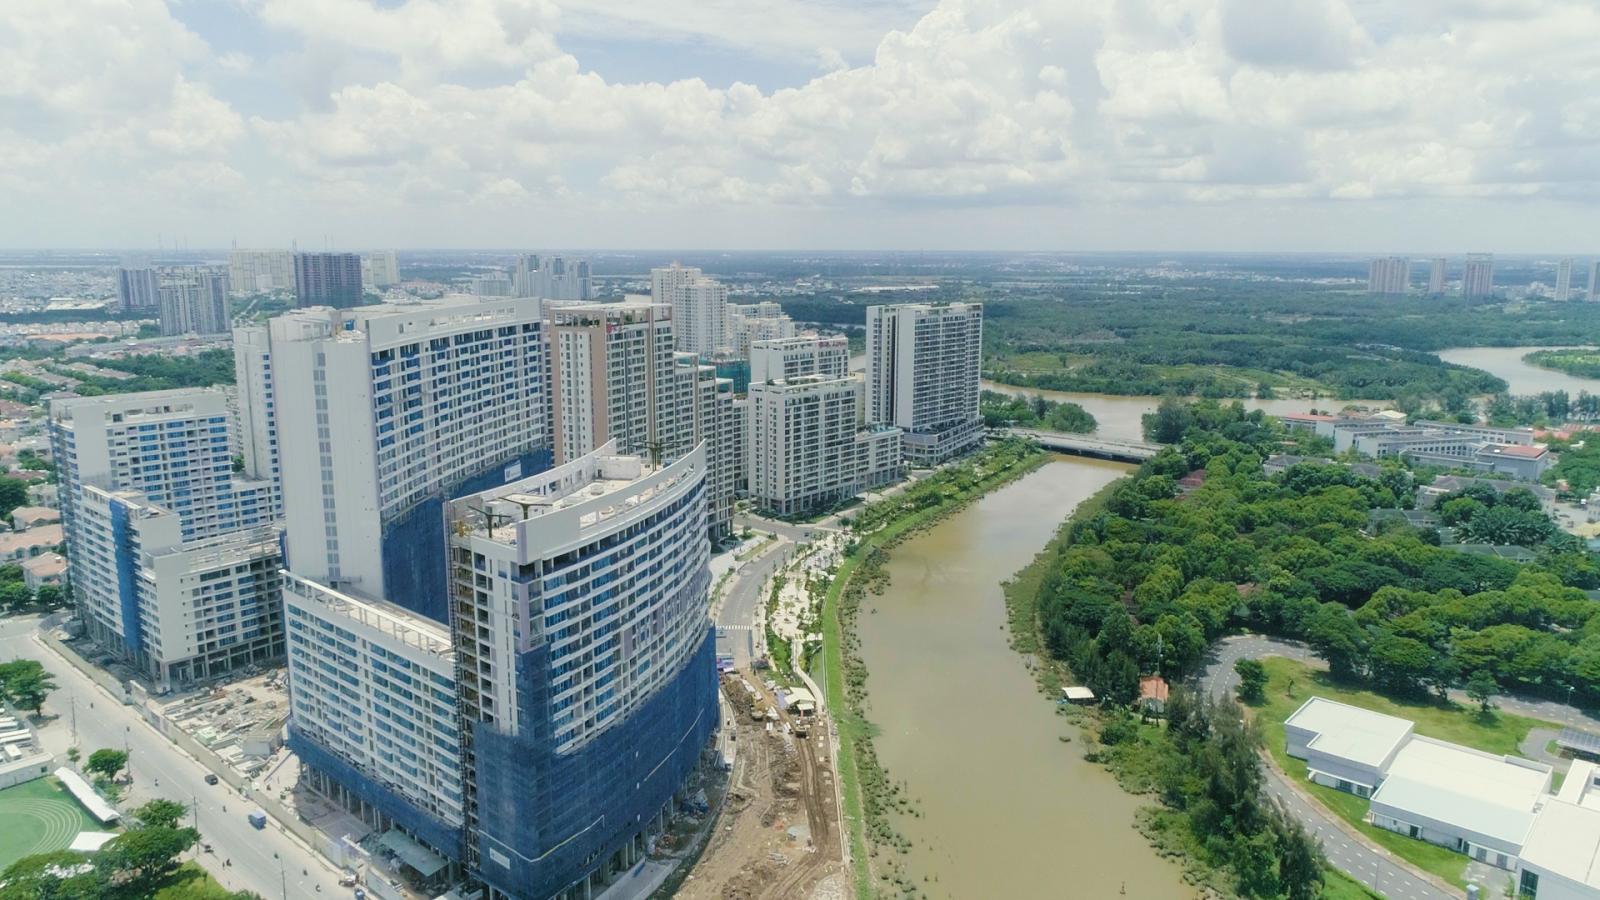 Midtown Phú Mỹ Hưng nằm ngay khu vực nối giữa khu Nam Viên với khu Thương mại Tài chính Quốc tế, phía trước mặt là sông Cả Cấm